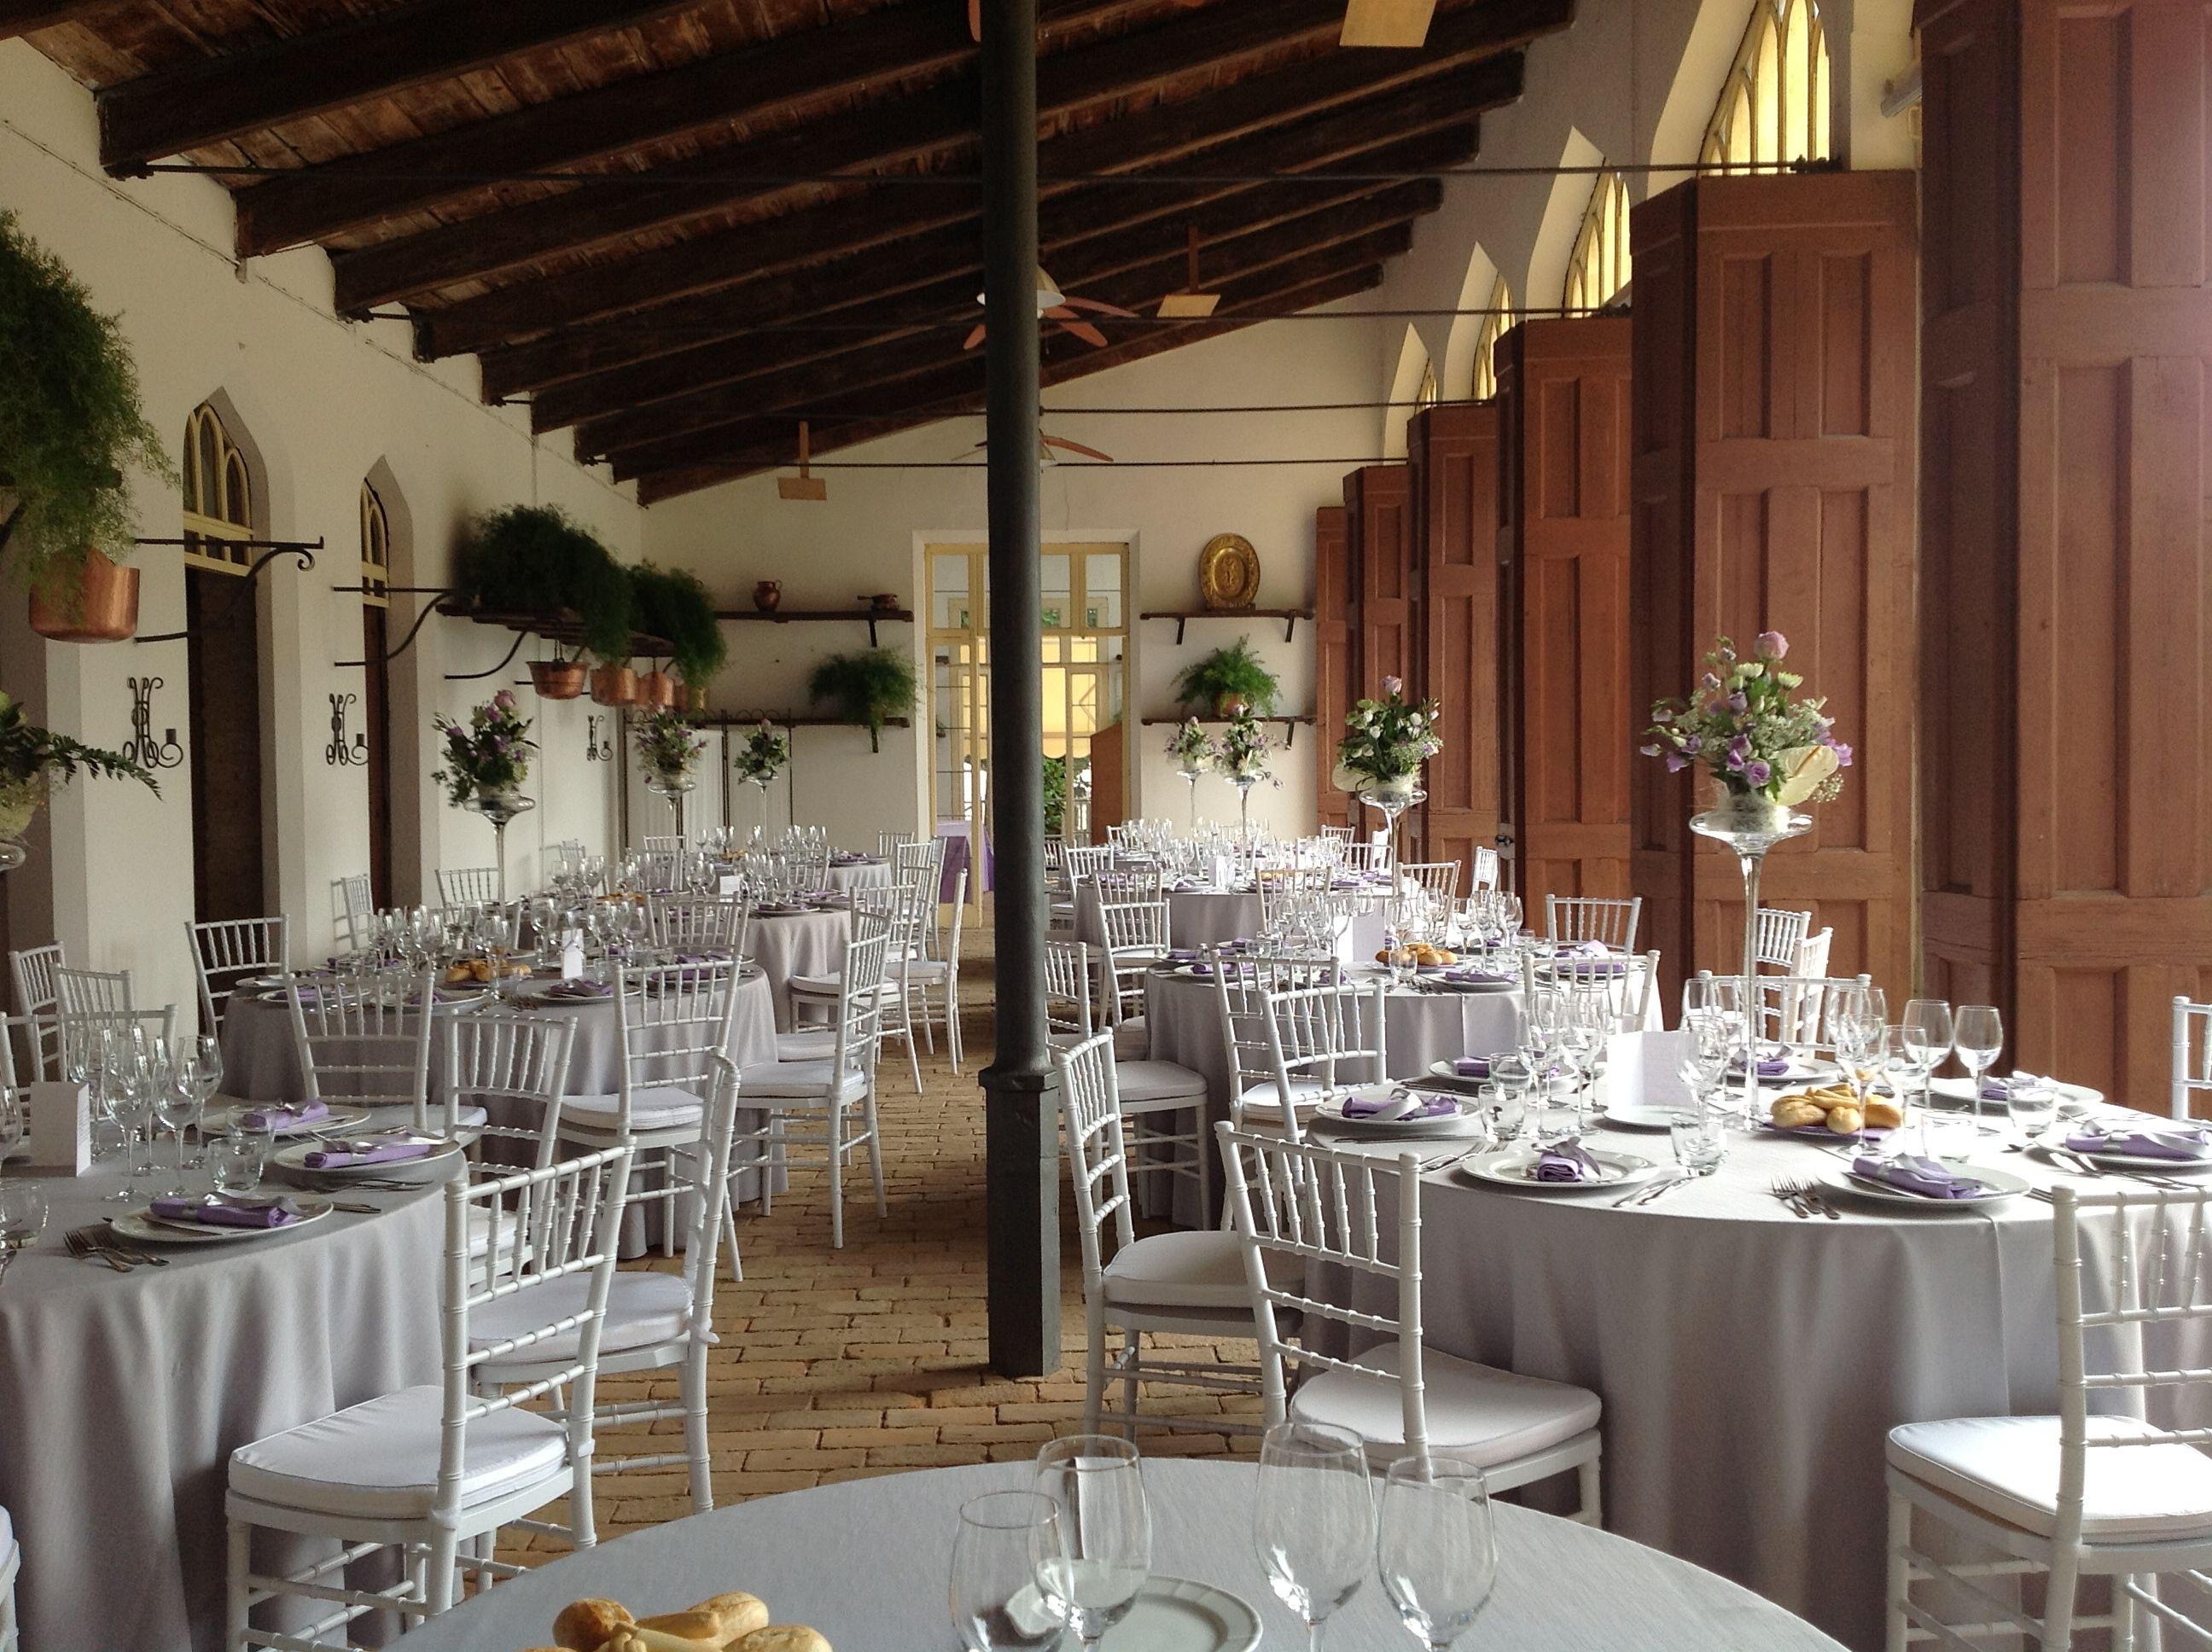 Chiavarina sedia prolipropilene sedie catering banqueting